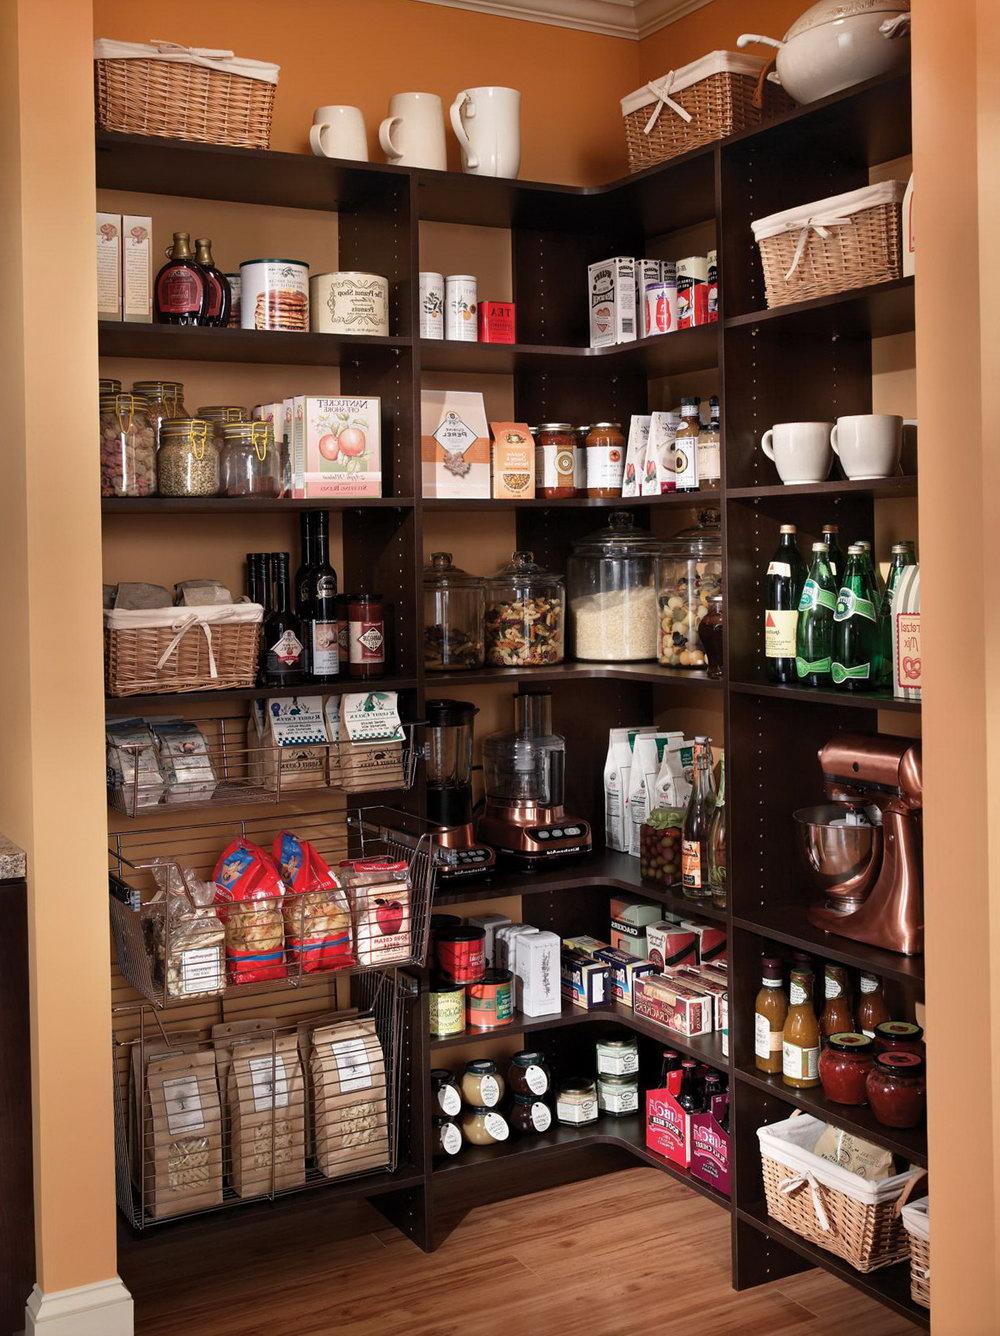 Kitchen Shelf Organizer Ideas